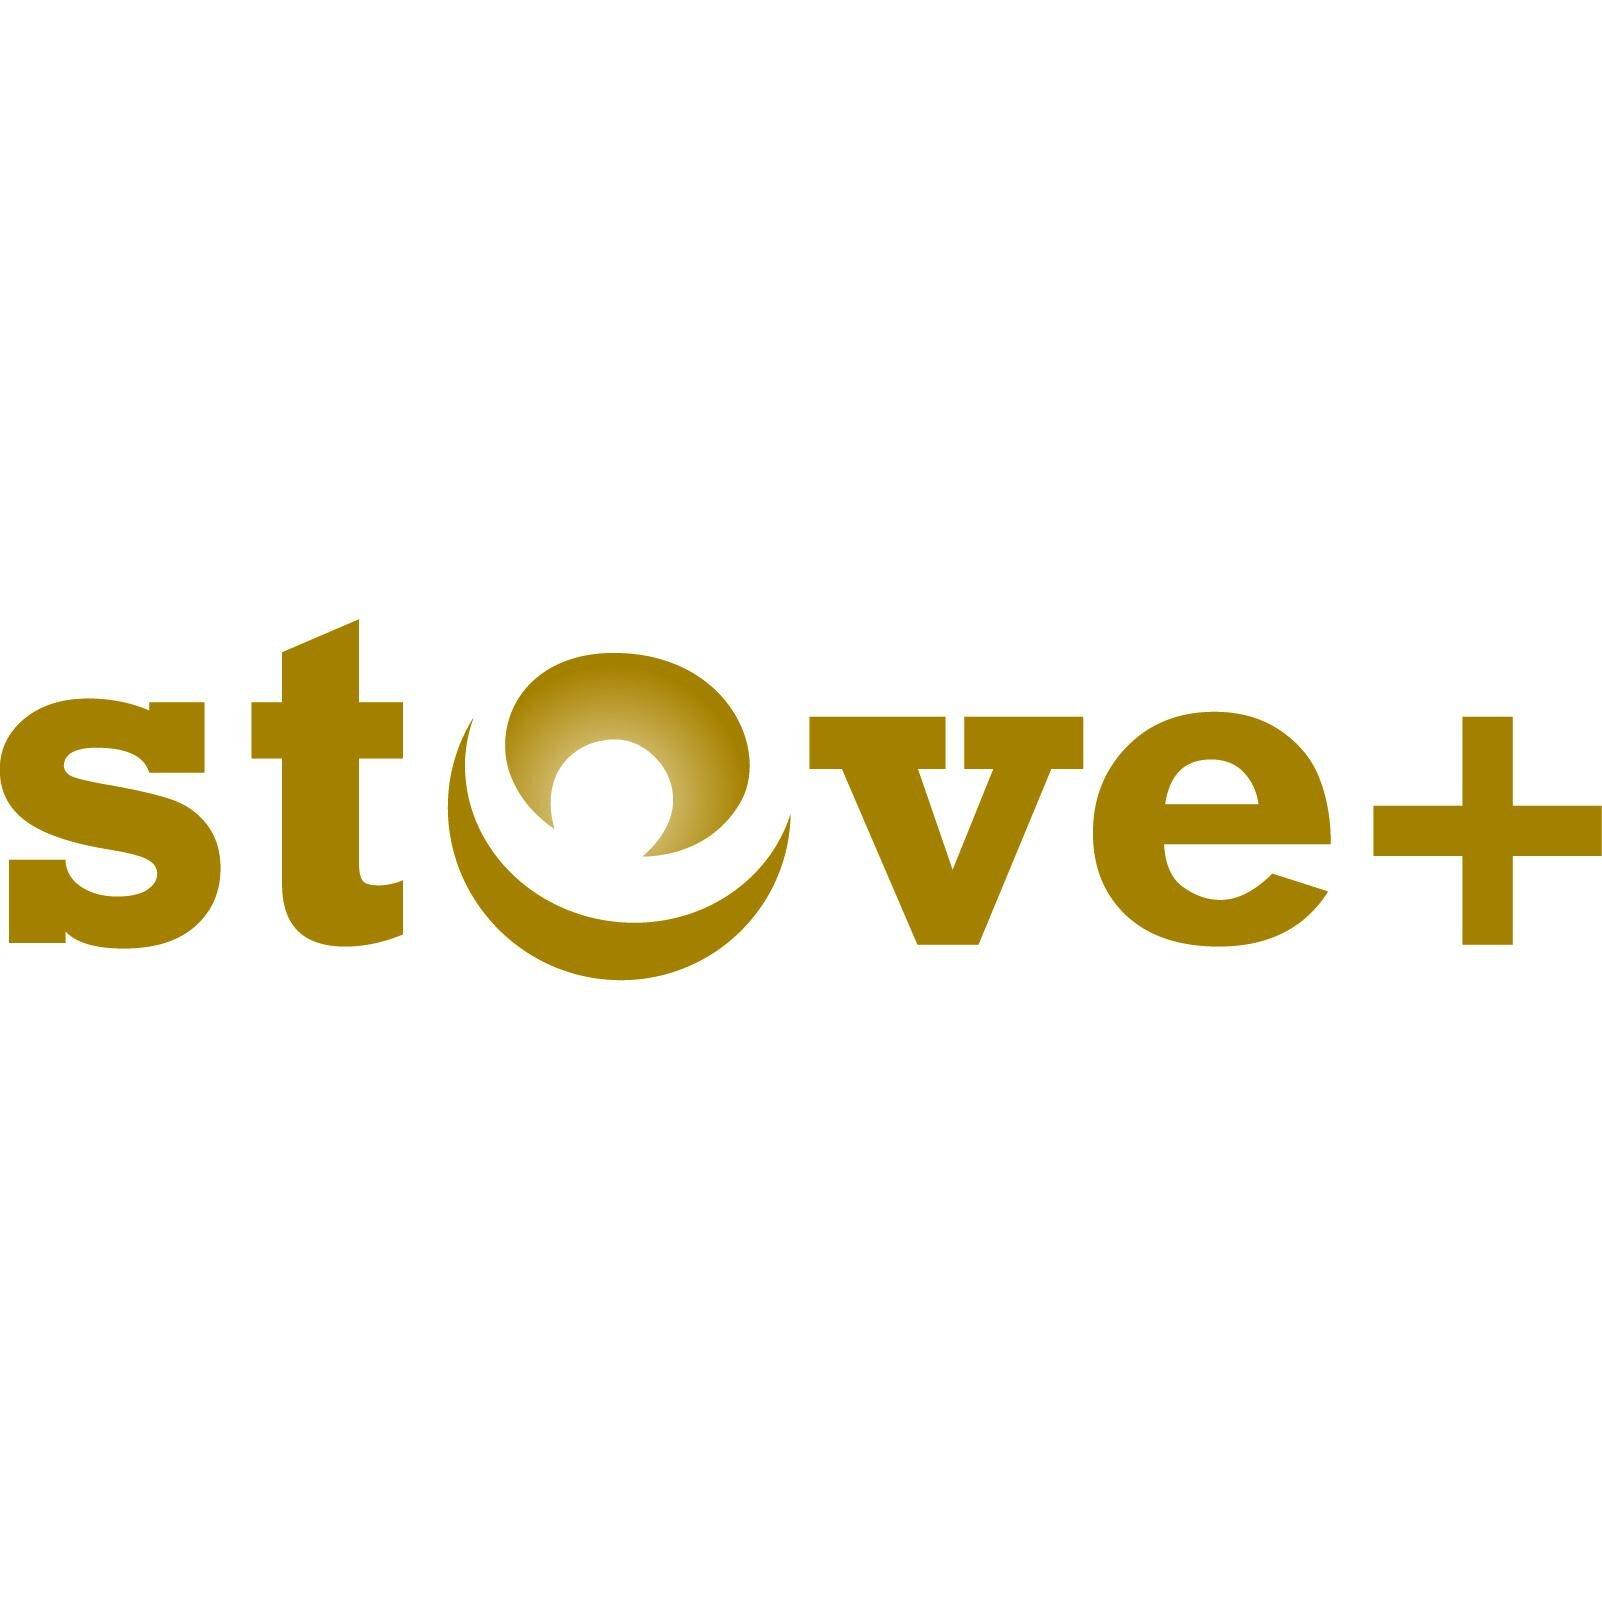 @StovePlus